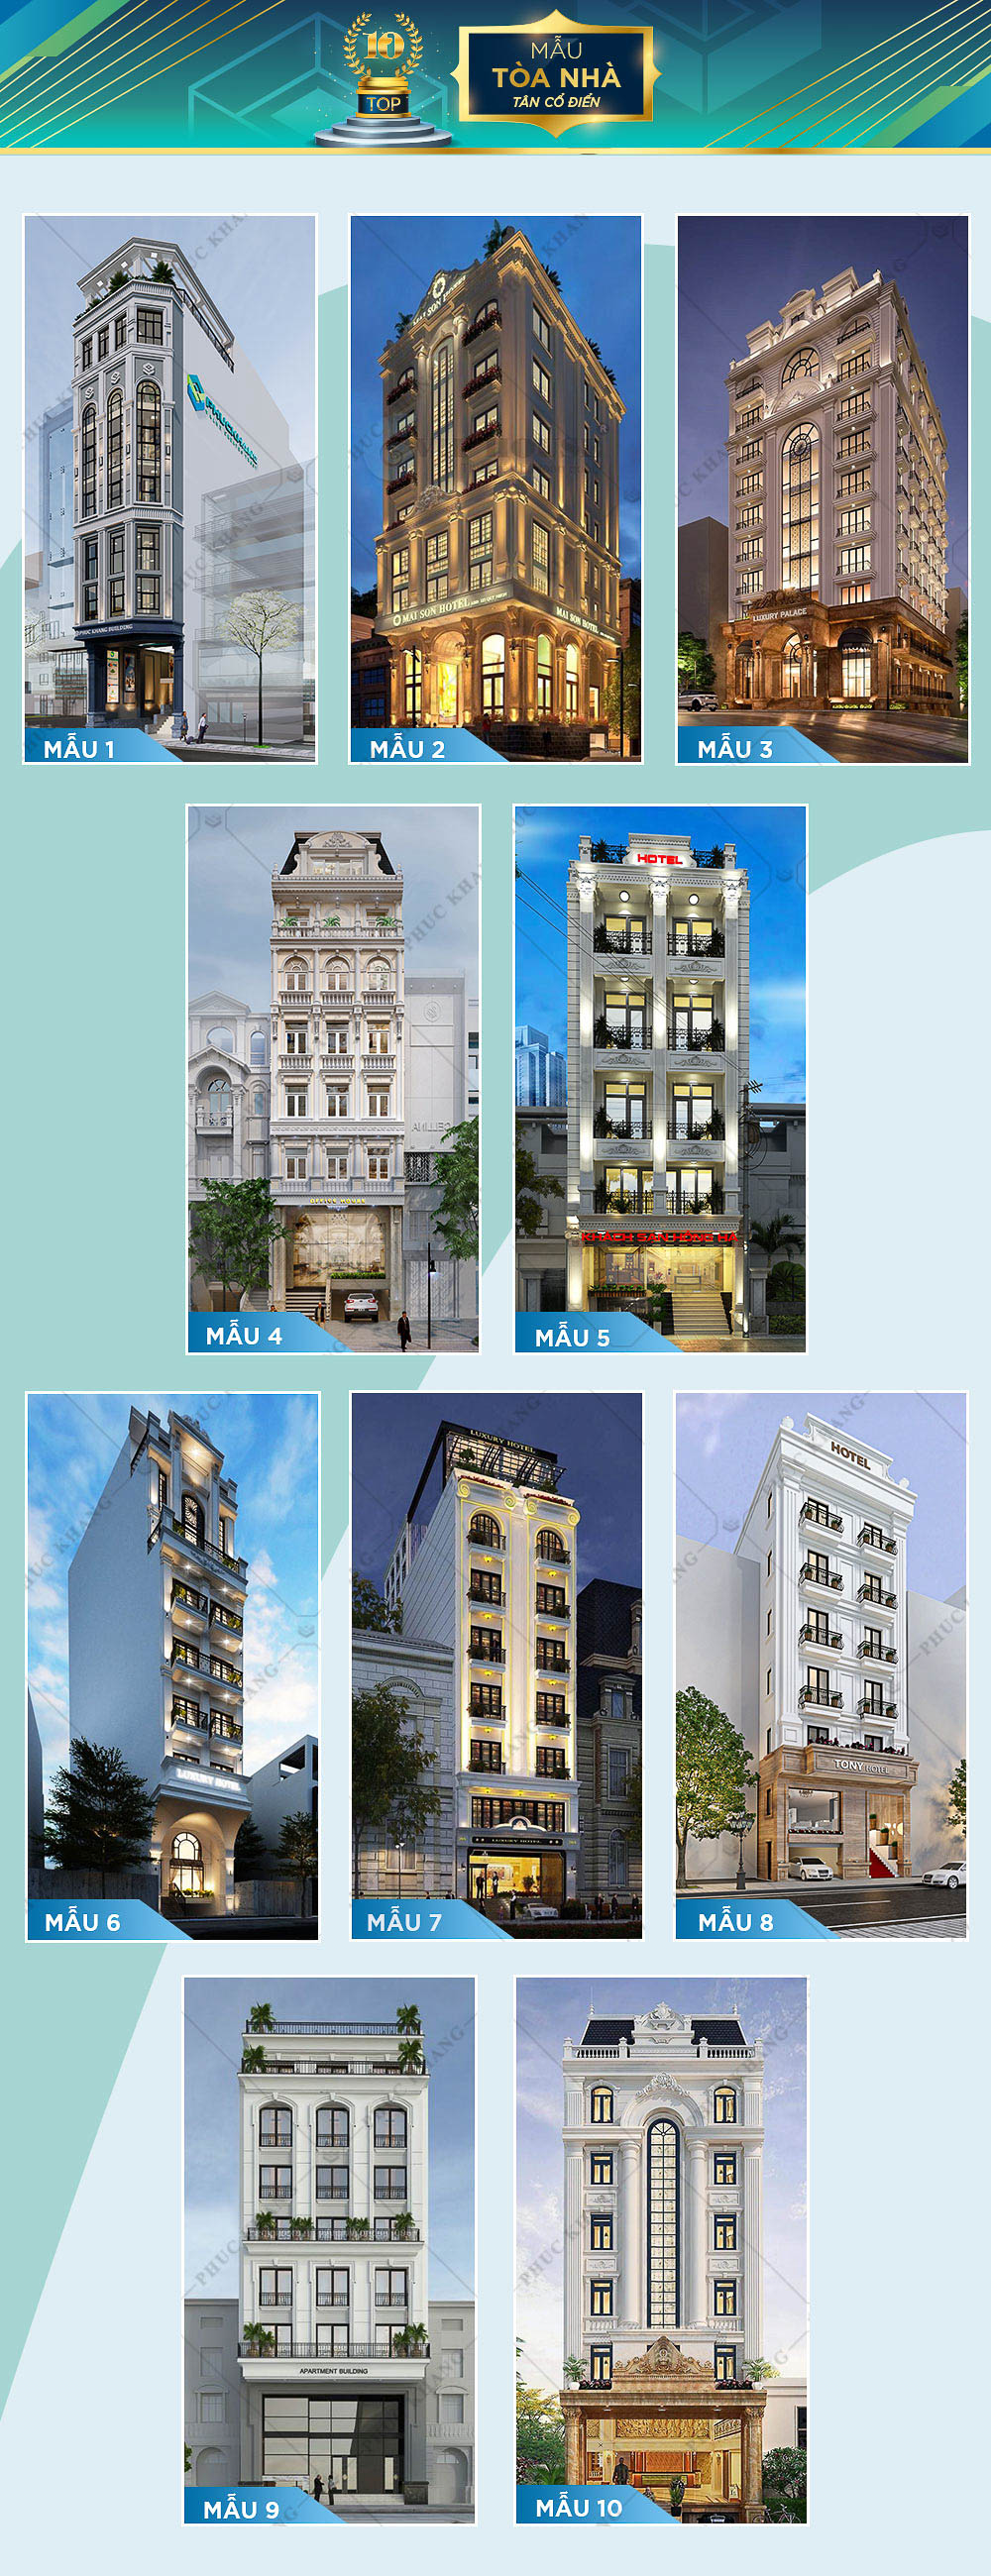 mẫu tòa nhà phong cách tân cổ điển đẹp